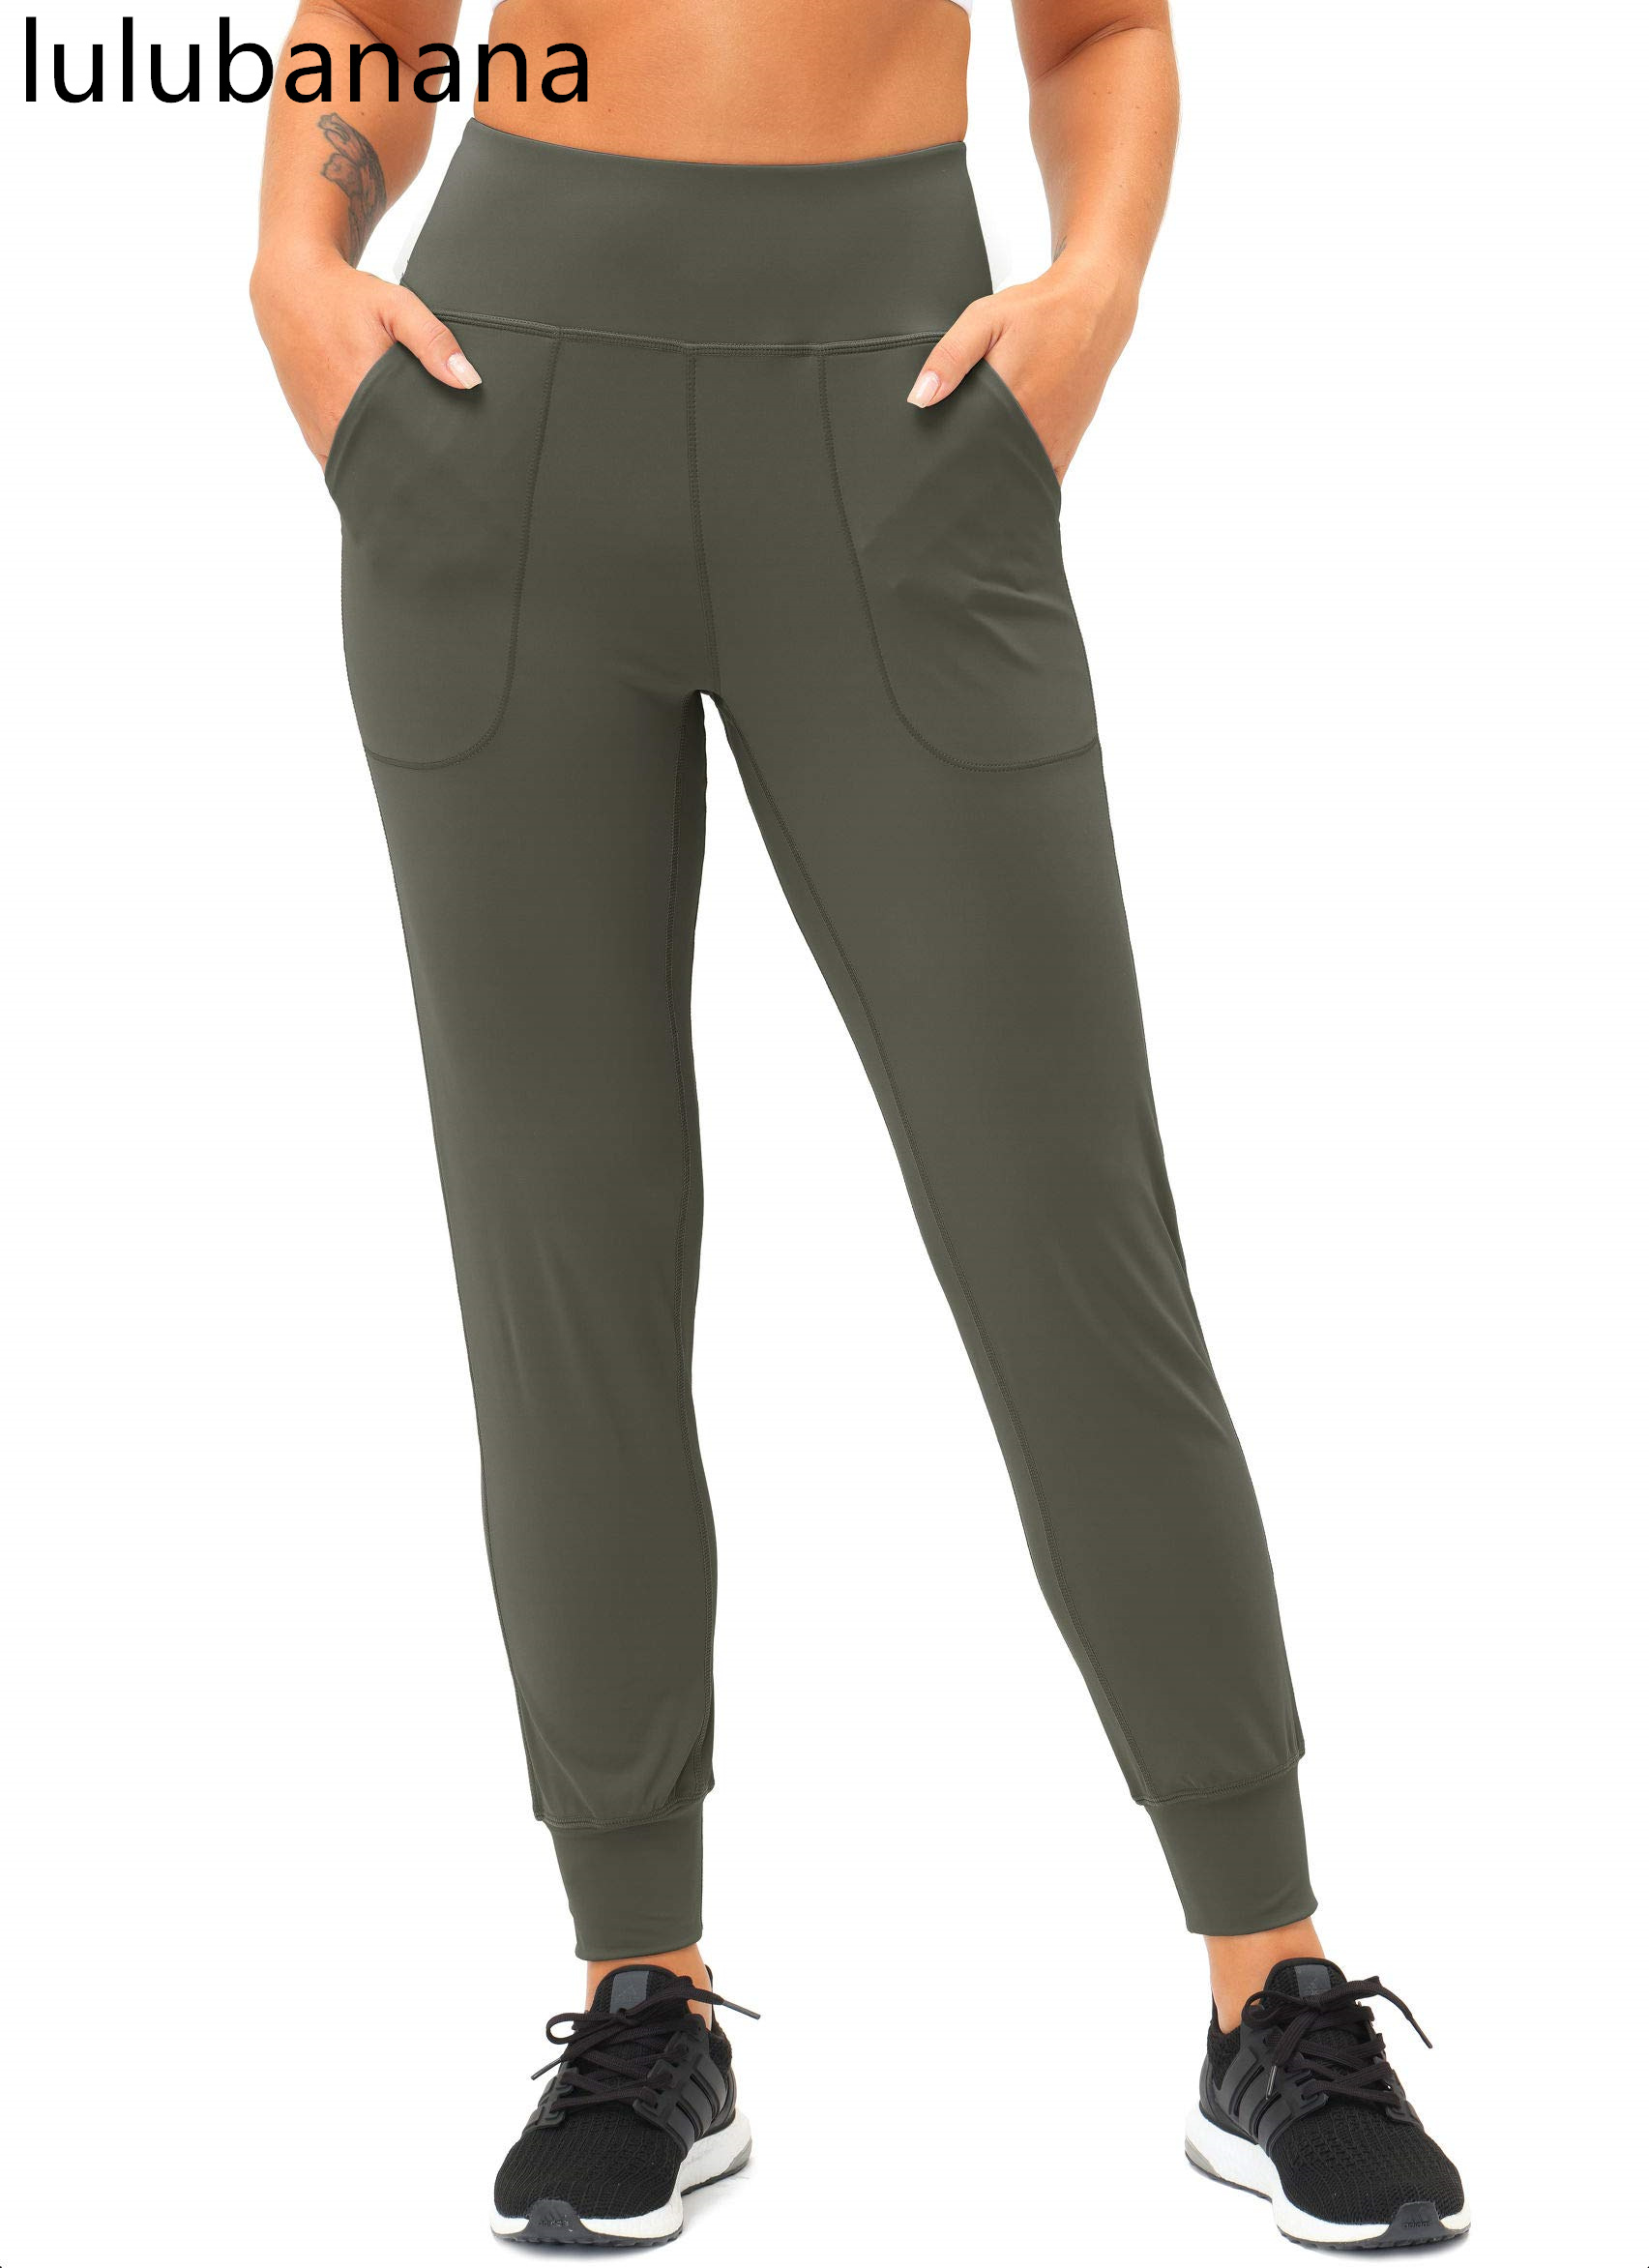 Женские джоггеры Lulubanana с карманами для телефона, с высокой талией, для занятий спортом, йогой, конические штаны для отдыха, Джоггеры для женщ...